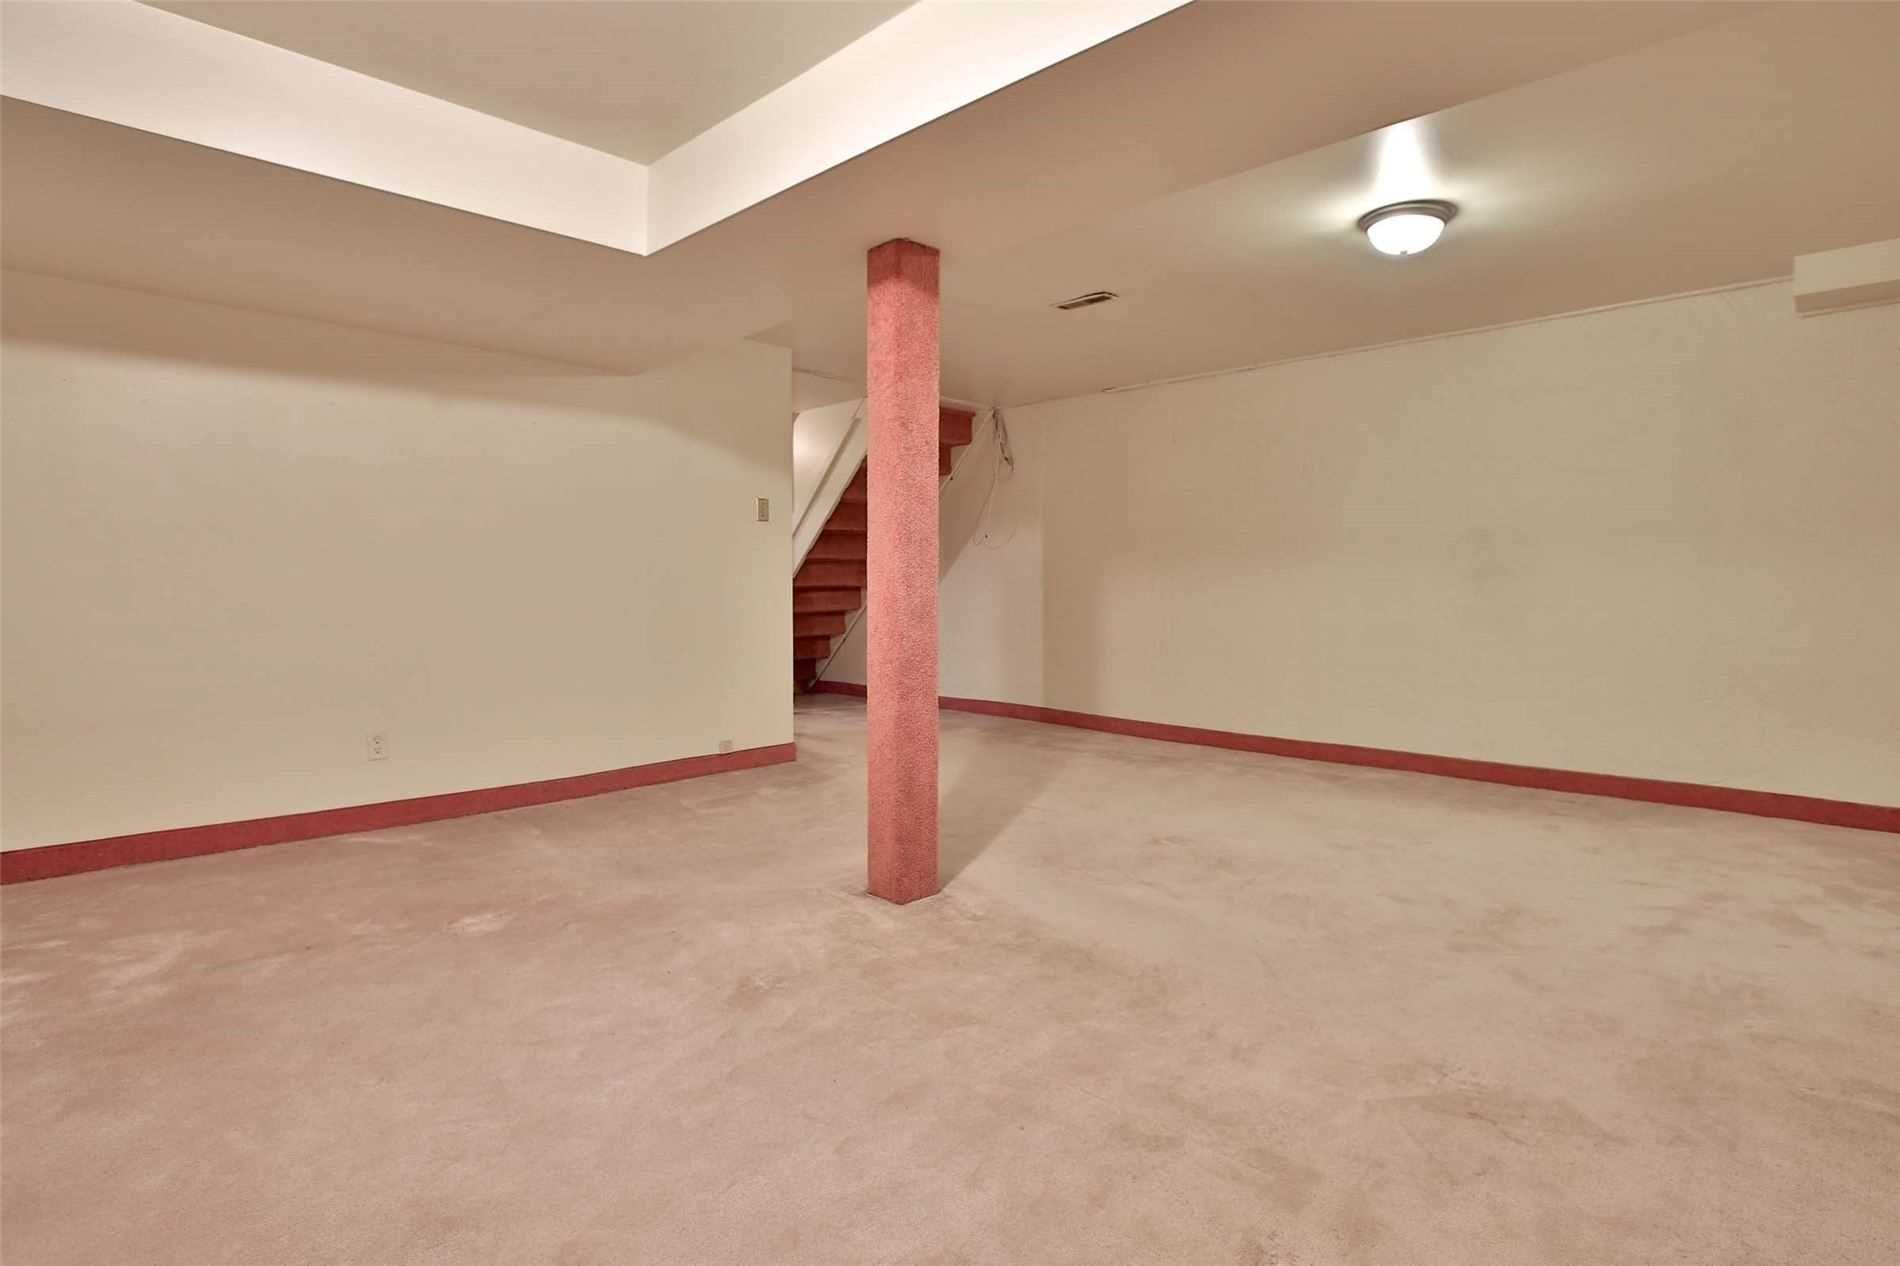 Photo 12: Photos: 8 695 Birchmount Road in Toronto: Kennedy Park Condo for sale (Toronto E04)  : MLS®# E4600623